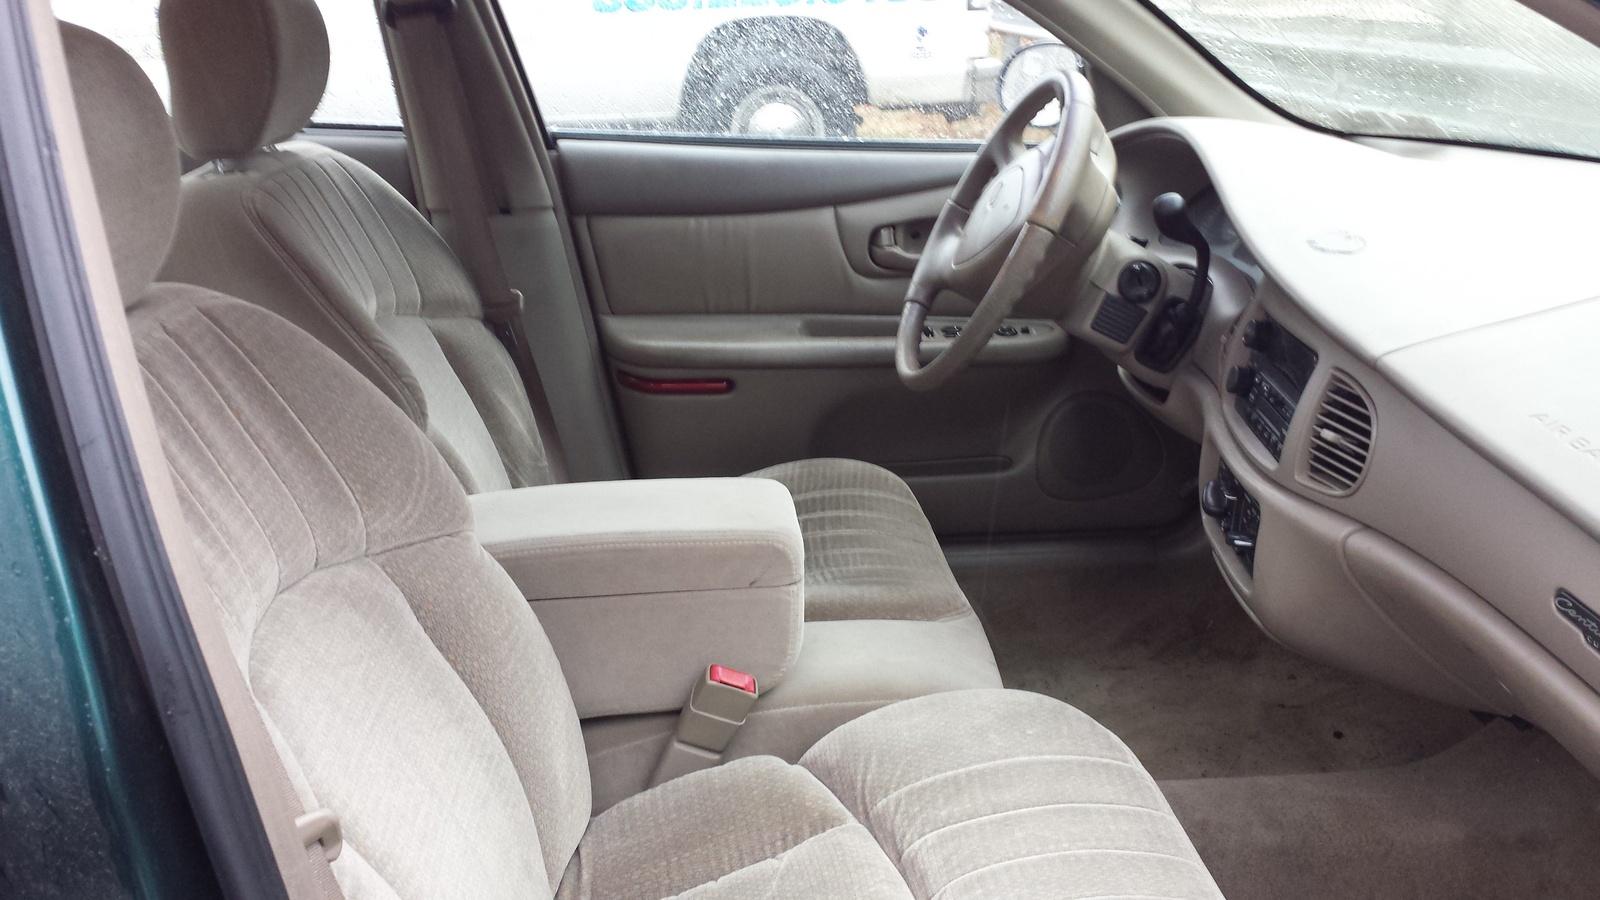 1992 Buick Roadmaster >> 2000 Buick Century - Pictures - CarGurus